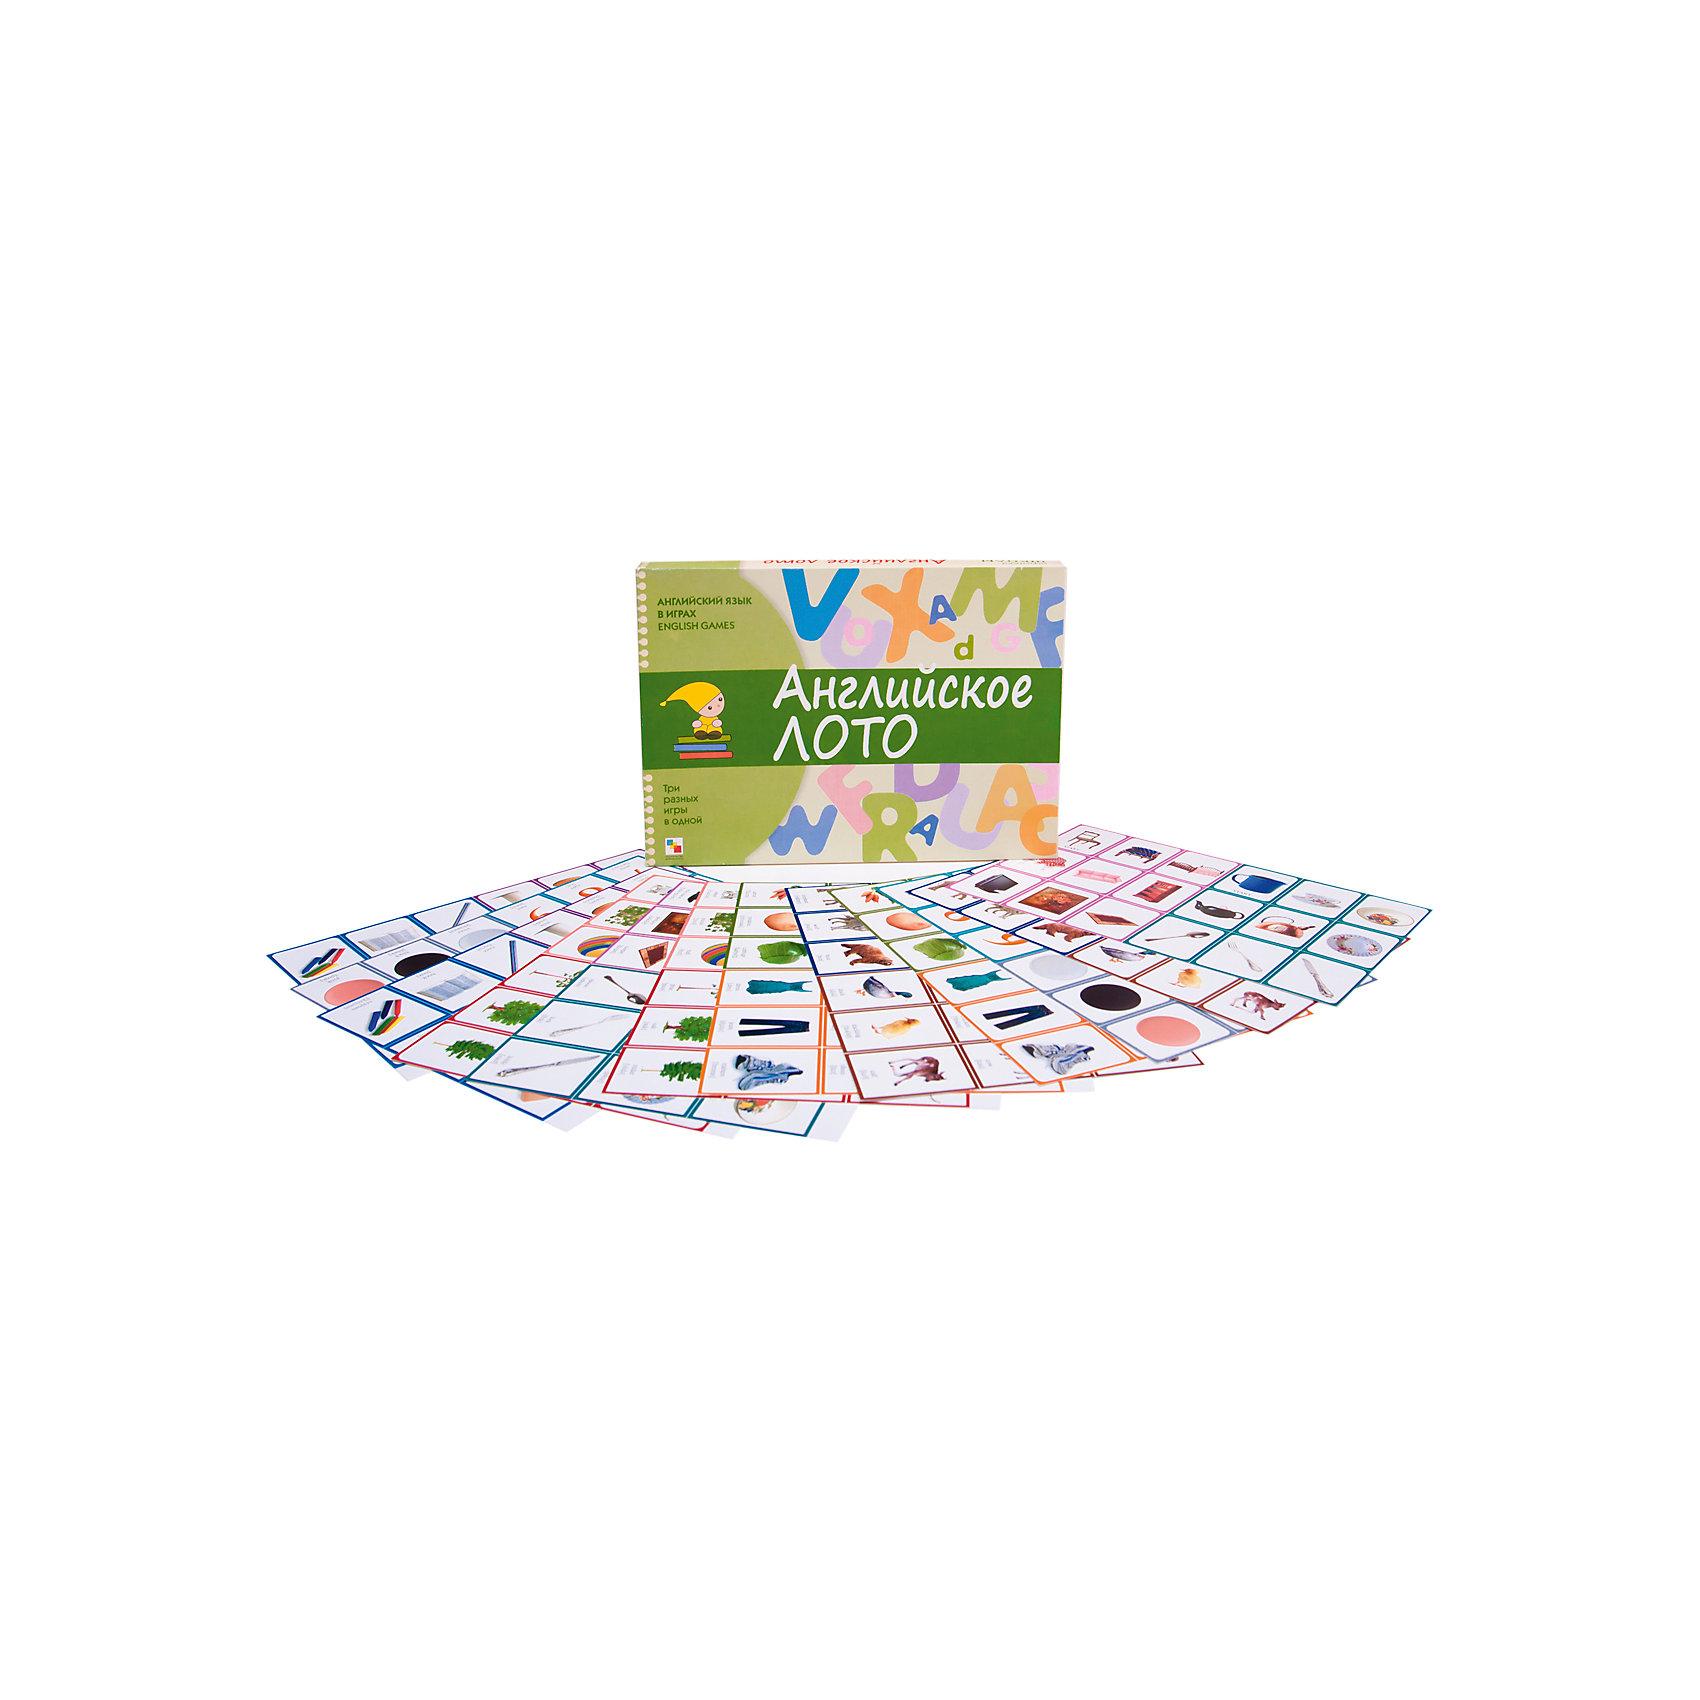 Карточки Английский язык в играх: английское лото, Школа семи гномовИностранный язык<br>Пособие Английский язык в играх. Английское лото, Школа семи гномов.<br><br>Характеристики:<br><br>• Издательство: МОЗАИКА-СИНТЕЗ<br>• ISBN: 4640005840162<br>• Тип: Развивающие игры<br>• Возраст: 5-6 лет.<br>• Размер упаковки: 290х210х40мм.<br>• Вес: 250г.<br>• Состав игры: 12 больших карточек с 9 картинками и словами на английском языке, на обратной стороне - перевод. 108 маленьких карточек. На обратной стороне - перевод, соответствующей другой карточки.<br><br>Английский язык в играх Английское лото - это уникальное пособие, которое заинтересует не только детей, но и взрослых, которые начинают учить английский язык. В набор Английское лото Школа семи гномов входит:<br><br>Игра Перевертыши:<br>Игра происходит подобно пасьянсу. Один из наборов с маленькими карточками кладется лицевой стороной вверх. Берется карточка под названием Start, и зачитывается слово на обороте. Среди имеющихся карточек находится та, картинка на которой соответствует прочитанному слову. Так постепенно открываются все карточки.<br><br>Игра Бинго:<br>Каждый из игроков кладет перед собой одну или несколько больших карточек. В данном случае, потребуется ведущий, который будет по одной вытаскивать маленькие карточки и на английском языке называть предметы, изображенные на них. Тот игрок, у которого есть соответствующий рисунок, закрывает его маленькой карточкой. Цель игры - закрыть большую карточку по вертикали, горизонтали или диагонали, после надо будет выкрикнуть слово Bingo<br><br>Игра Лото:<br>Правила аналогичны игре Бинго, в конечном итоге необходимо полностью закрыть большую карточку.<br><br>Пособие Английский язык в играх. Английское лото, Школа семи гномов, можно купить в нашем интернет – магазине<br><br>Ширина мм: 40<br>Глубина мм: 290<br>Высота мм: 210<br>Вес г: 250<br>Возраст от месяцев: 60<br>Возраст до месяцев: 72<br>Пол: Унисекс<br>Возраст: Детский<br>SKU: 5428883